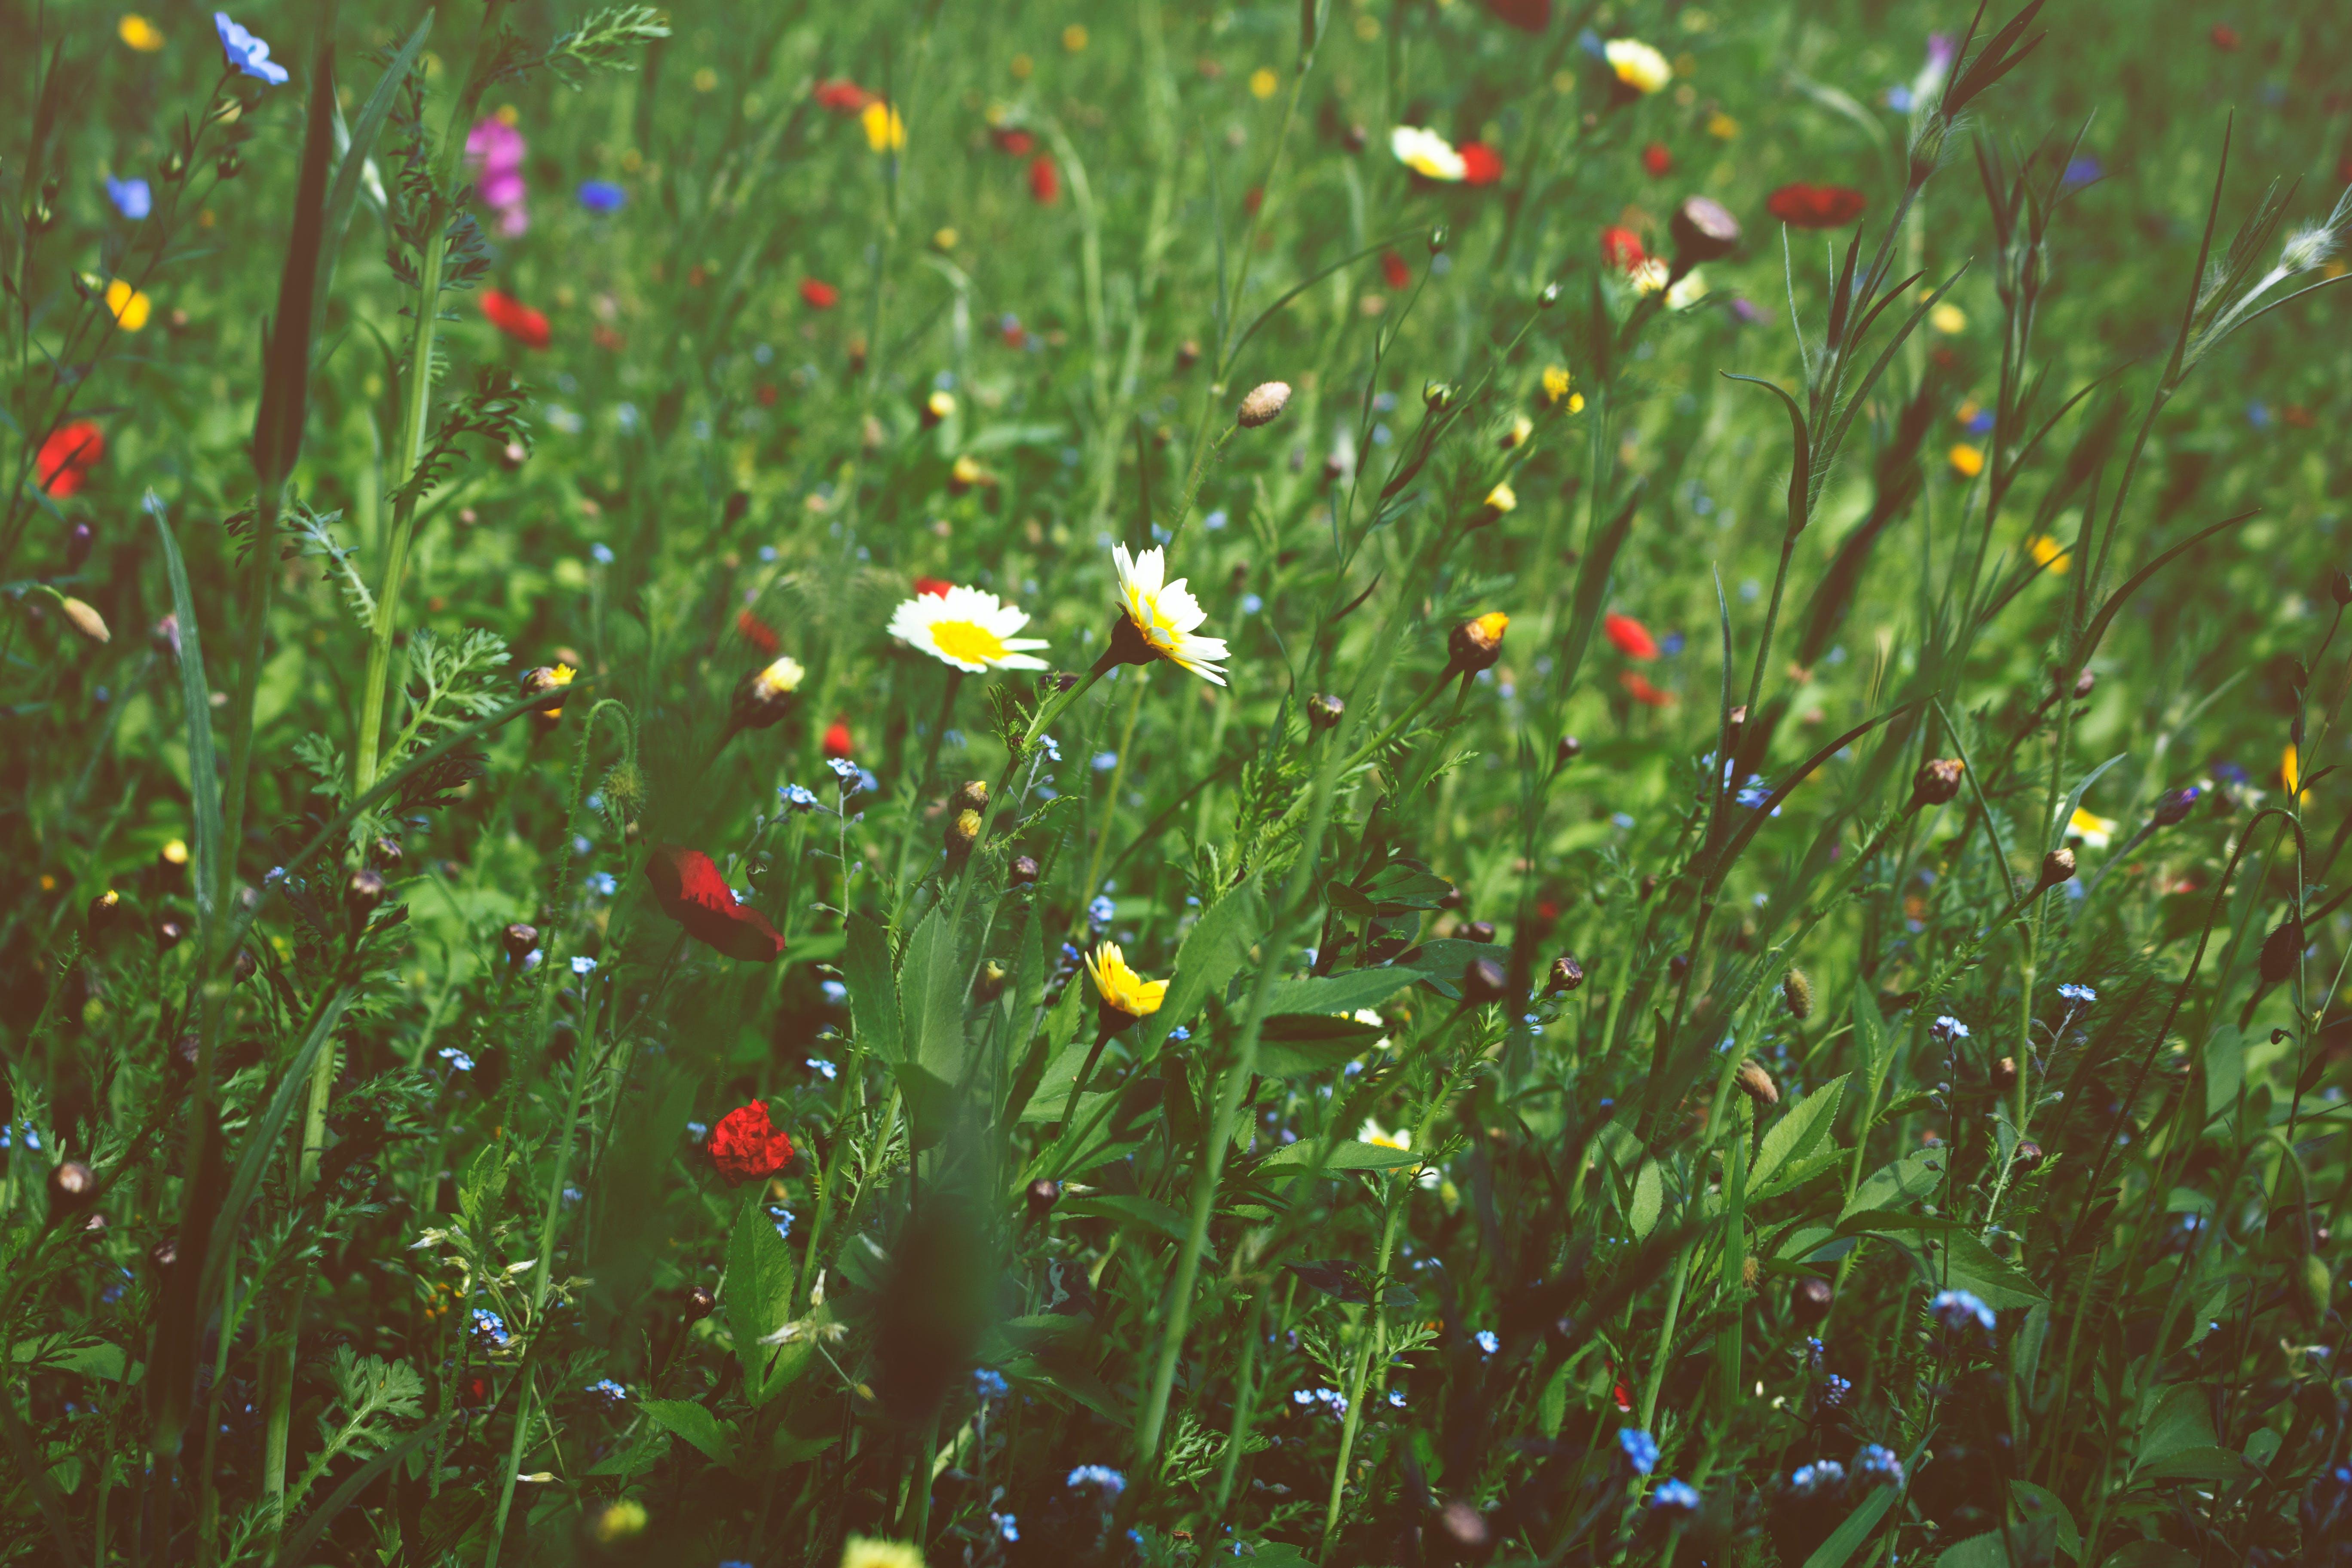 Ảnh lưu trữ miễn phí về cận cảnh, cánh đồng, cỏ, hoa